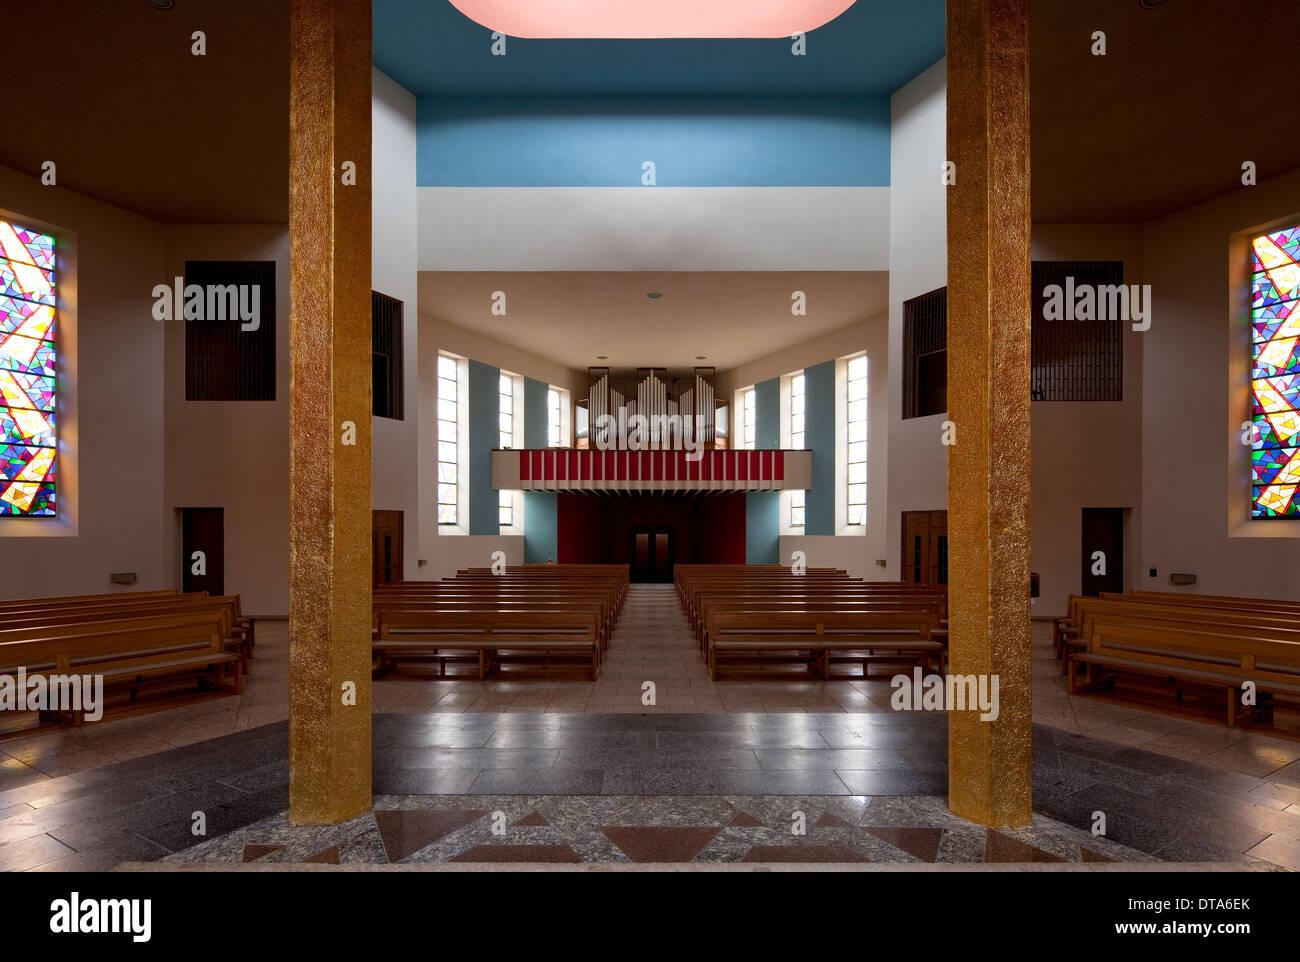 halle saale katholische kirche zur heiligen dreieinigkeit stockfoto bild 66607483 alamy. Black Bedroom Furniture Sets. Home Design Ideas